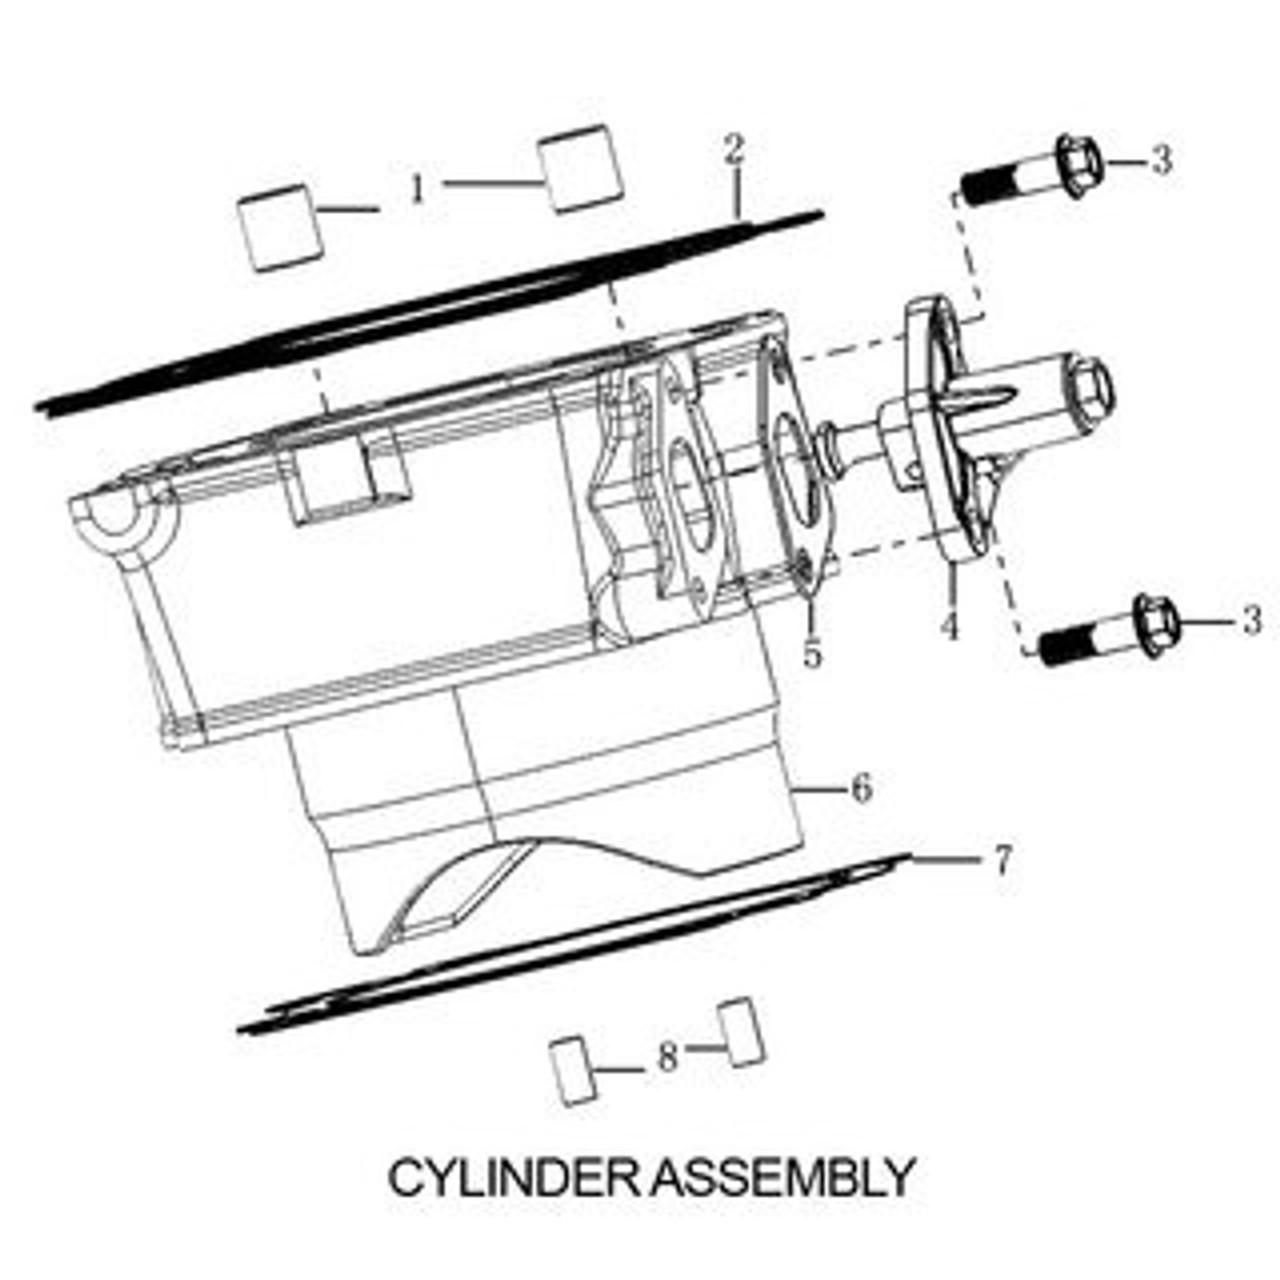 ENGINE CYLINDER ASSEMBLY